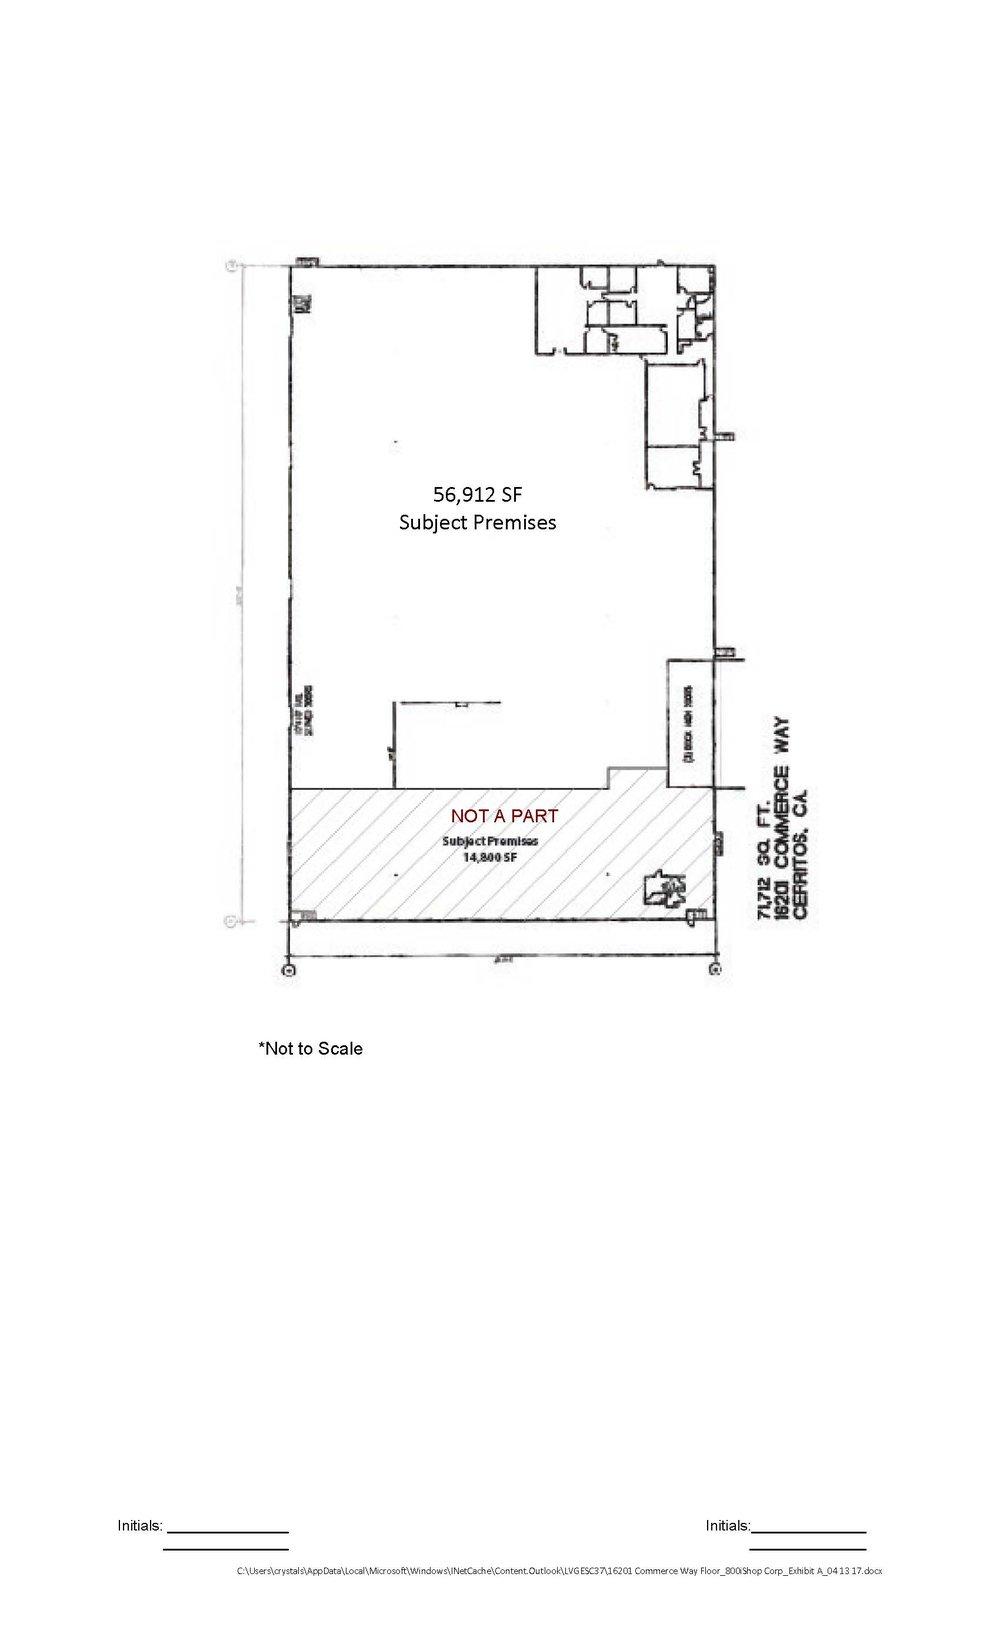 16201 Commerce Way Floor Plan.jpg